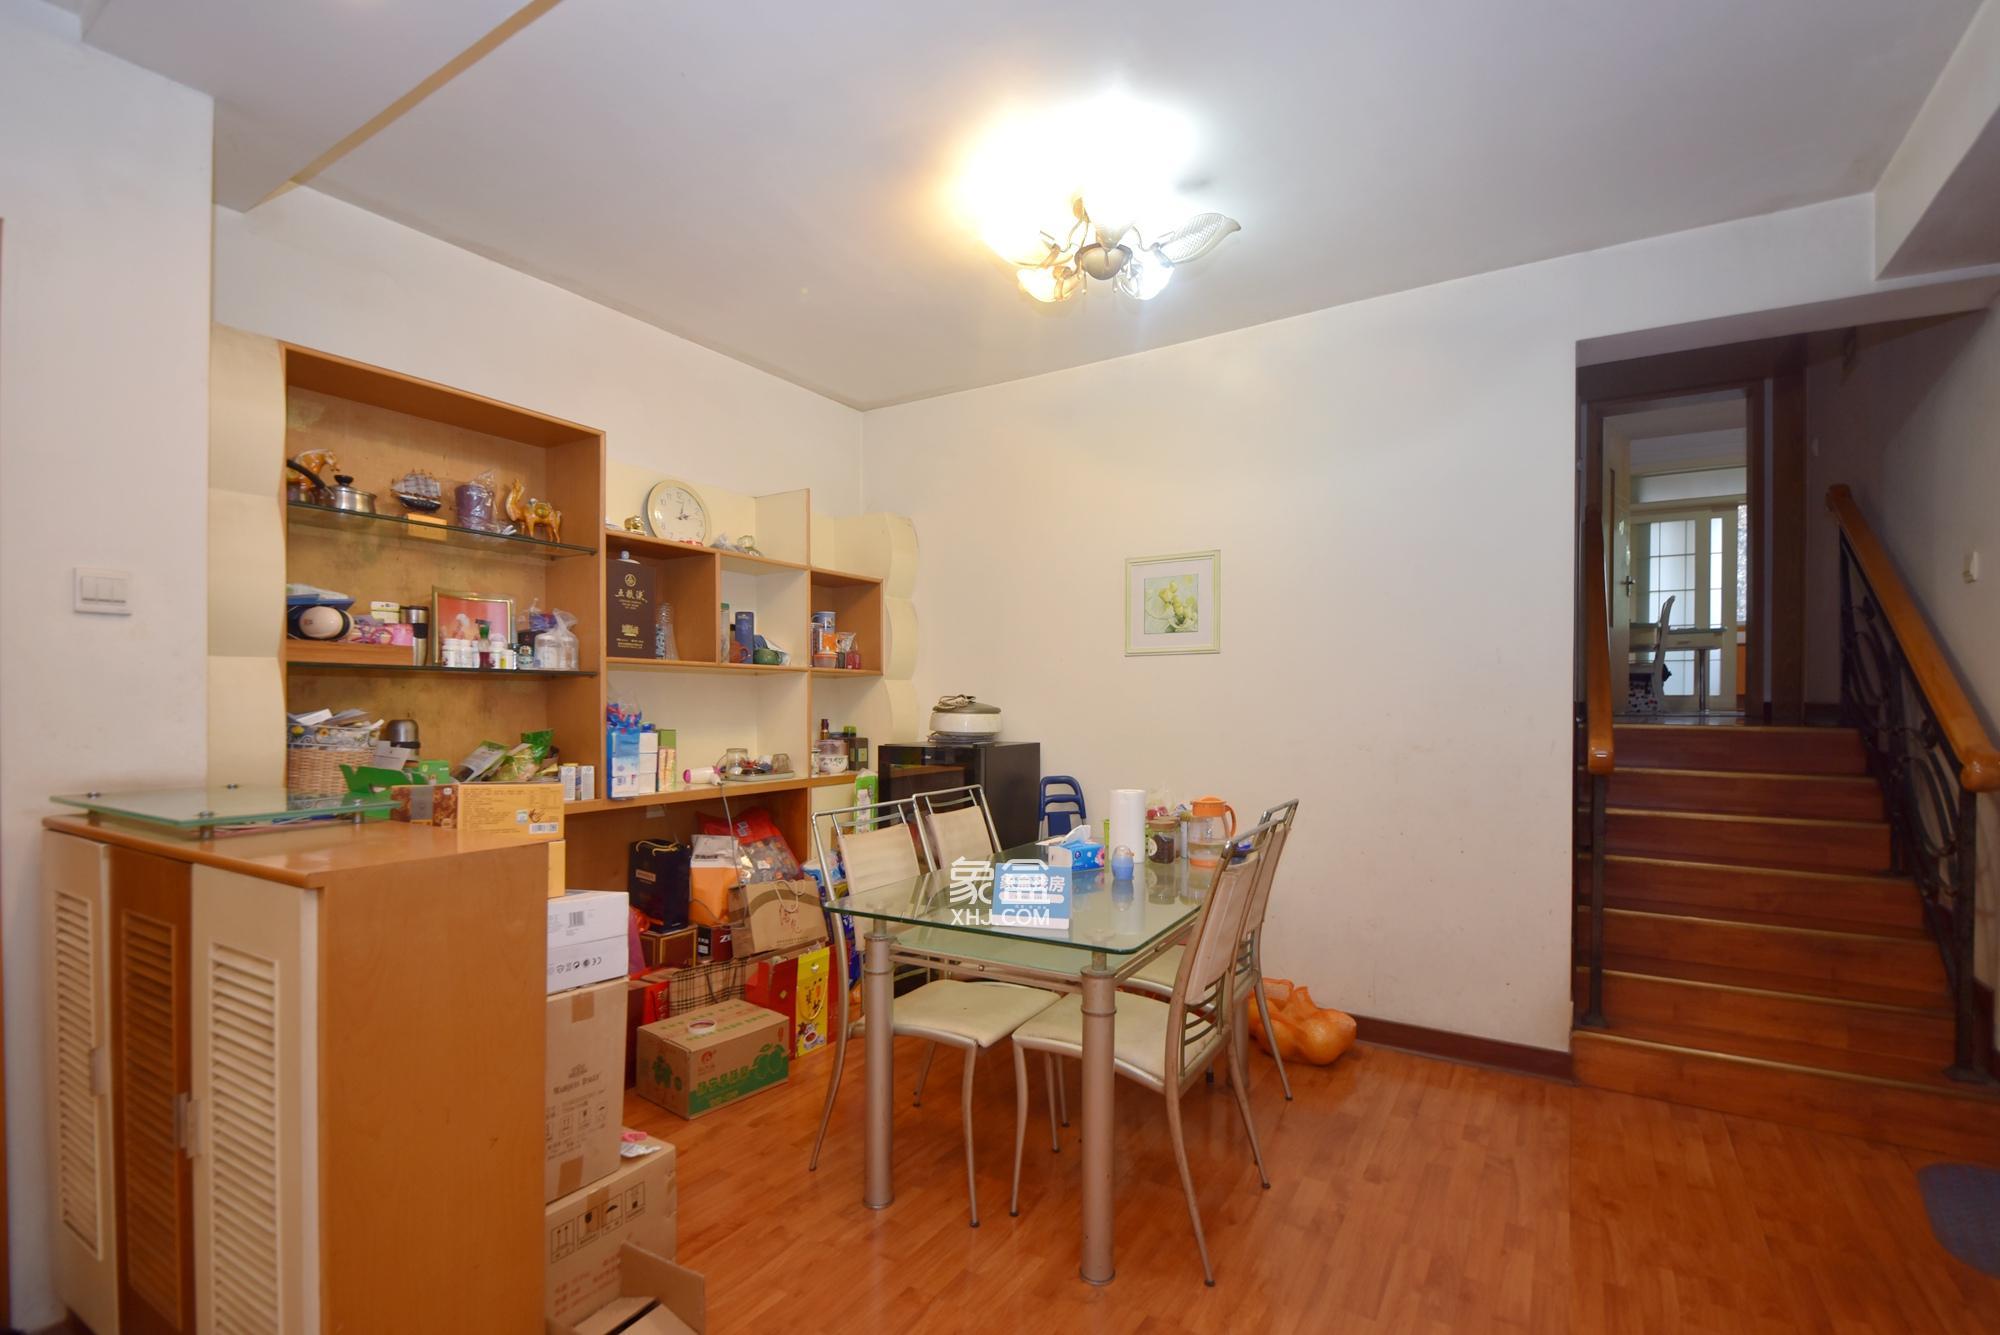 广济苑公寓 4室2厅2卫 186.0万